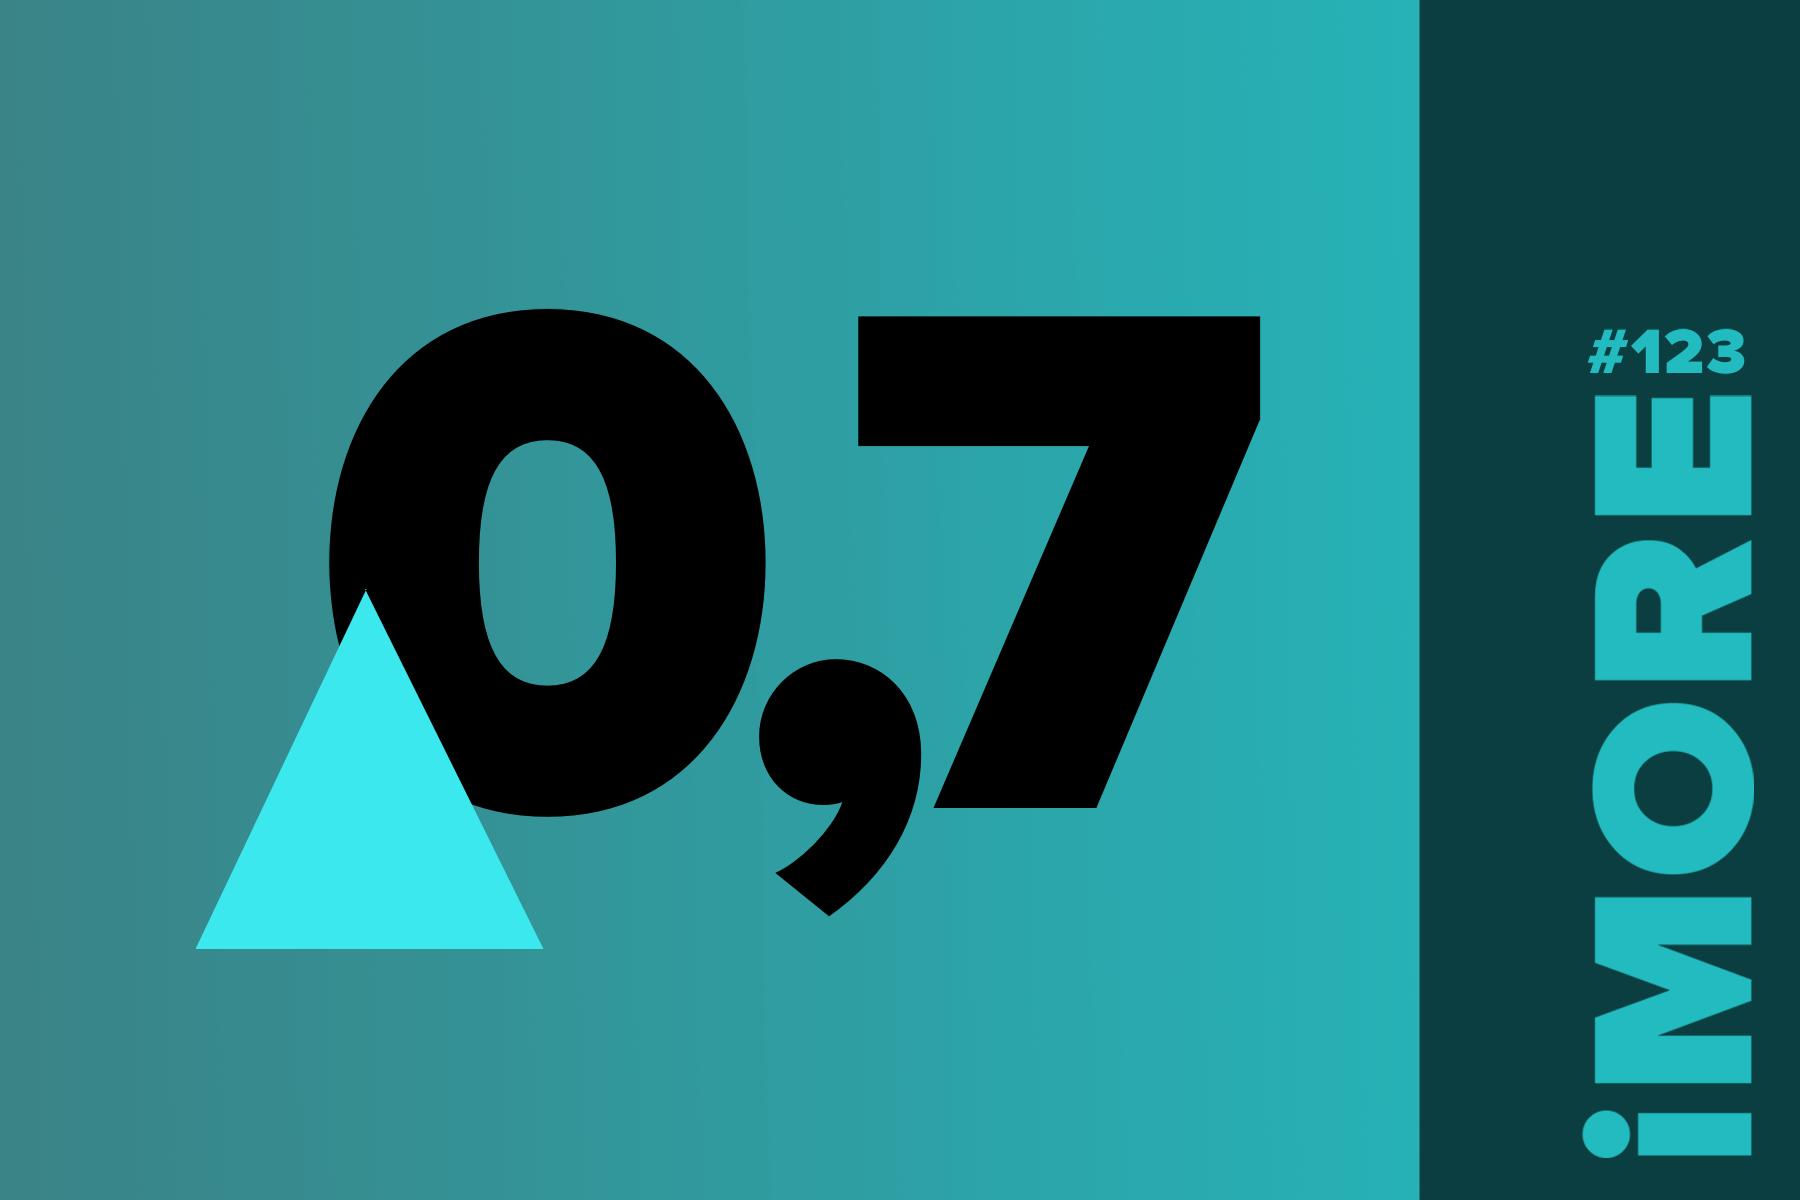 іМоРе №123. Середньострокове планування будівництва доріг та правила конкурсів для держслужбовців